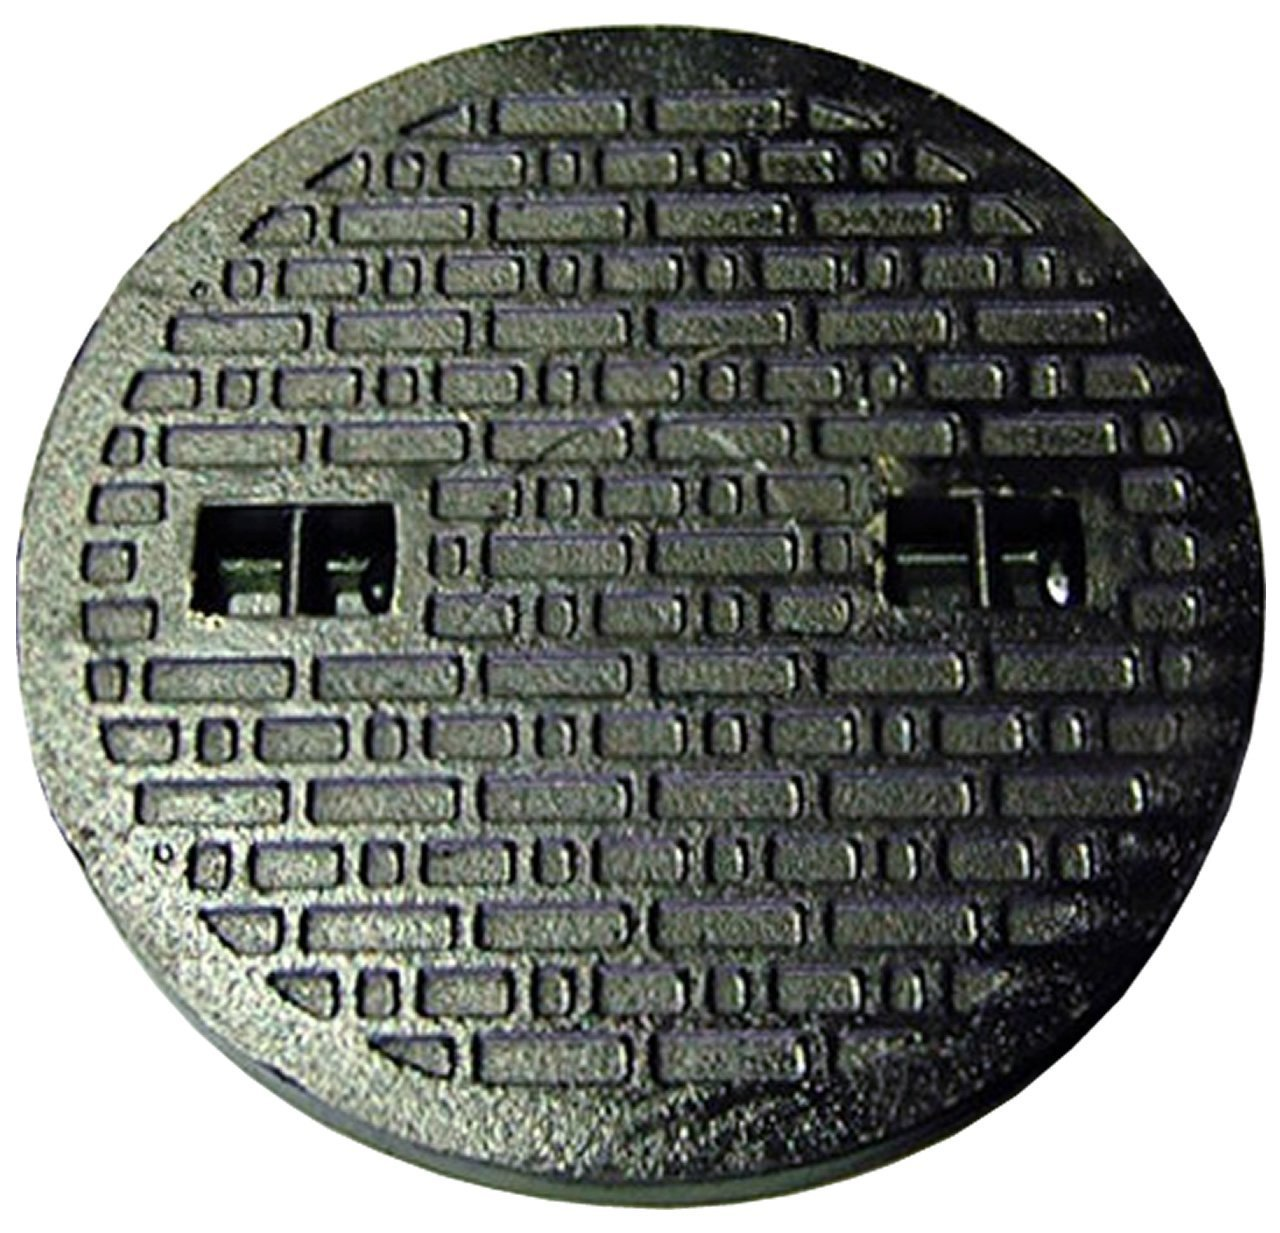 鋳鉄製 マンホール フタ 乗用車荷重(約2t車)マンホール 浄化槽 蓋のみ 穴径600mm (フタ径645mm) MK-1-600 B01I33LPNQ 10000 穴径600mm  穴径600mm